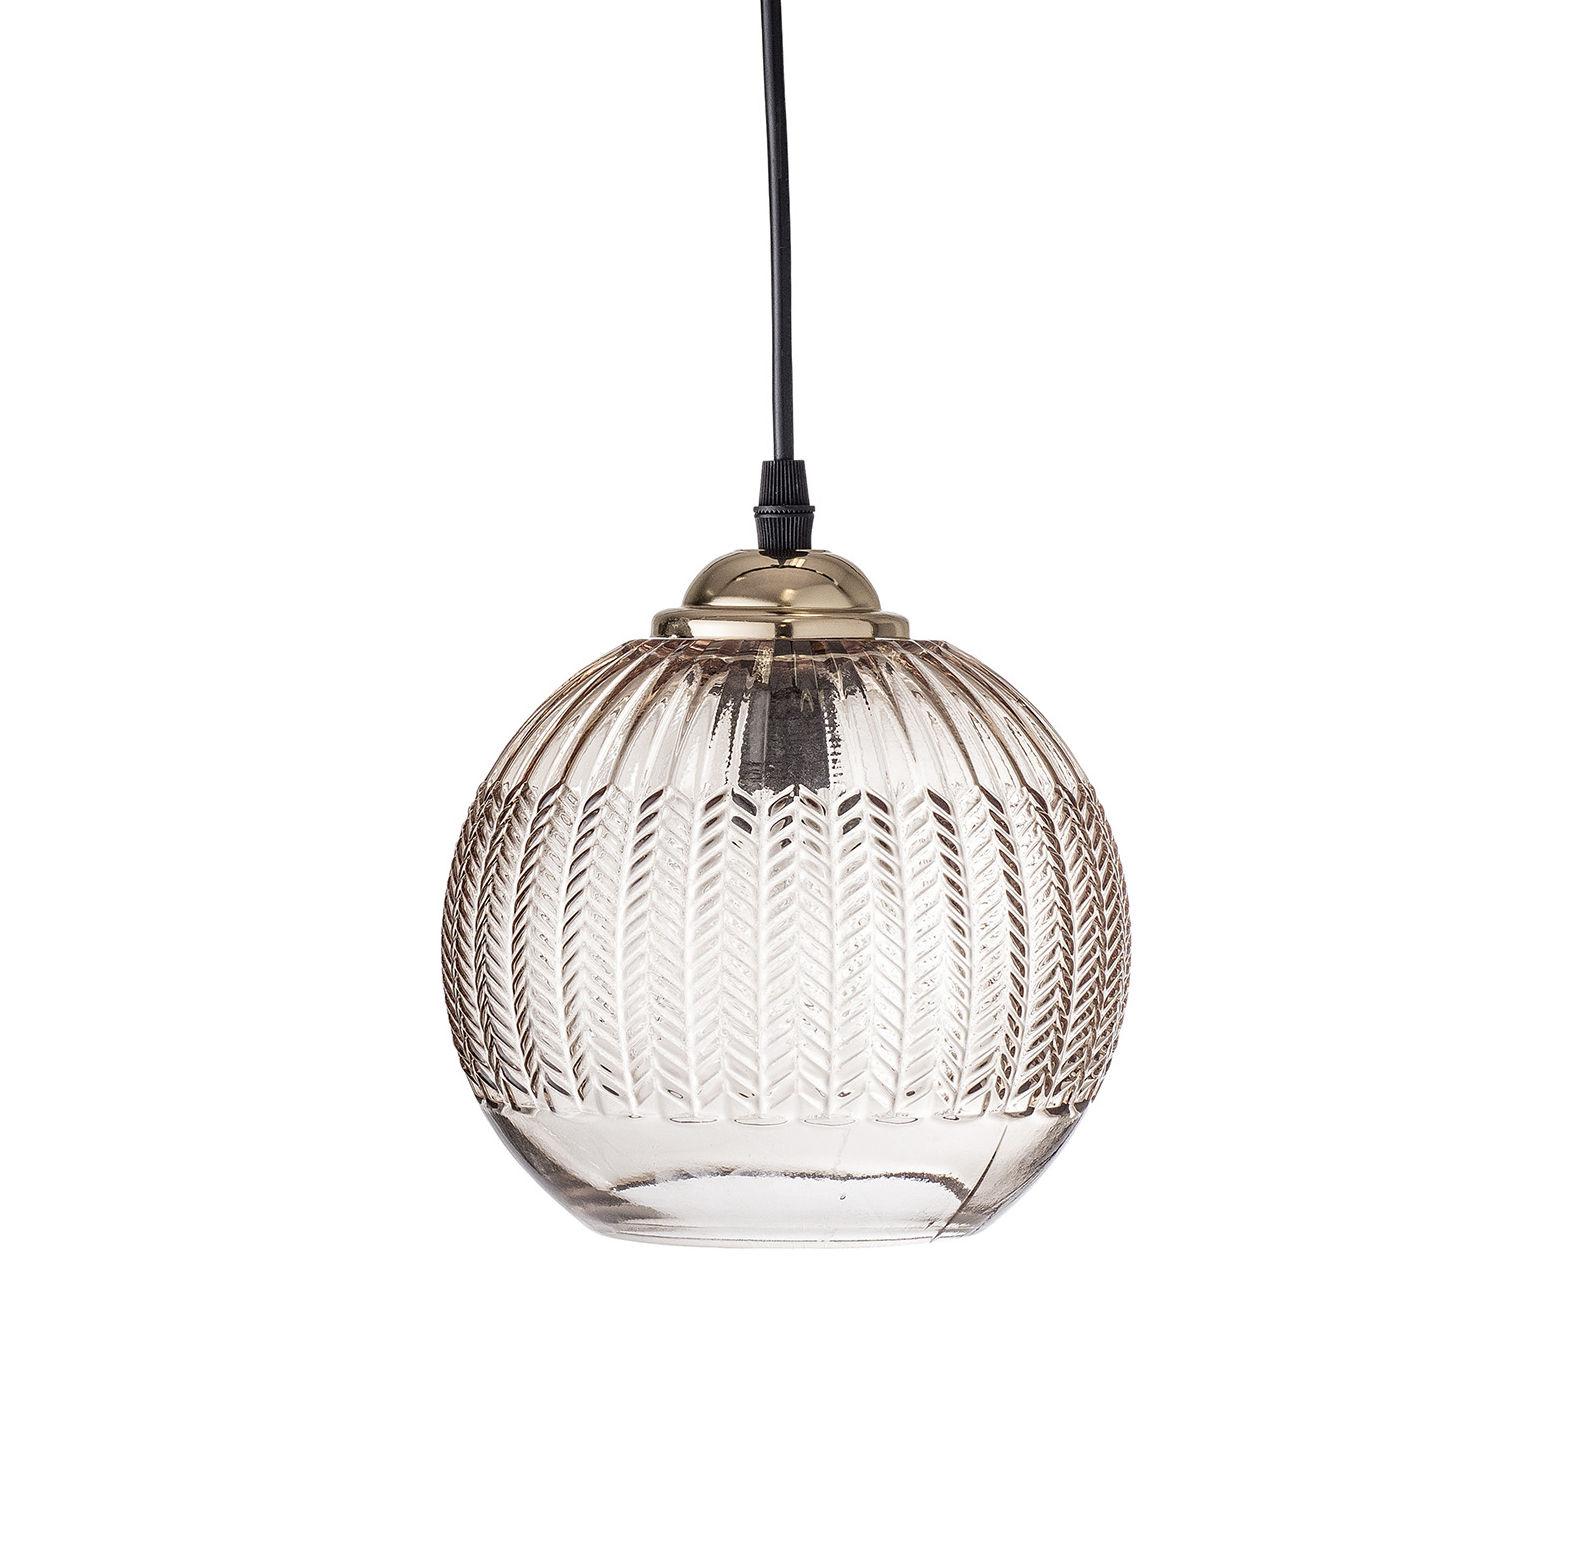 Mobilier - Suspension / Verre - Ø 17 cm - Bloomingville - Marron transparent & or - Métal, Verre texturé